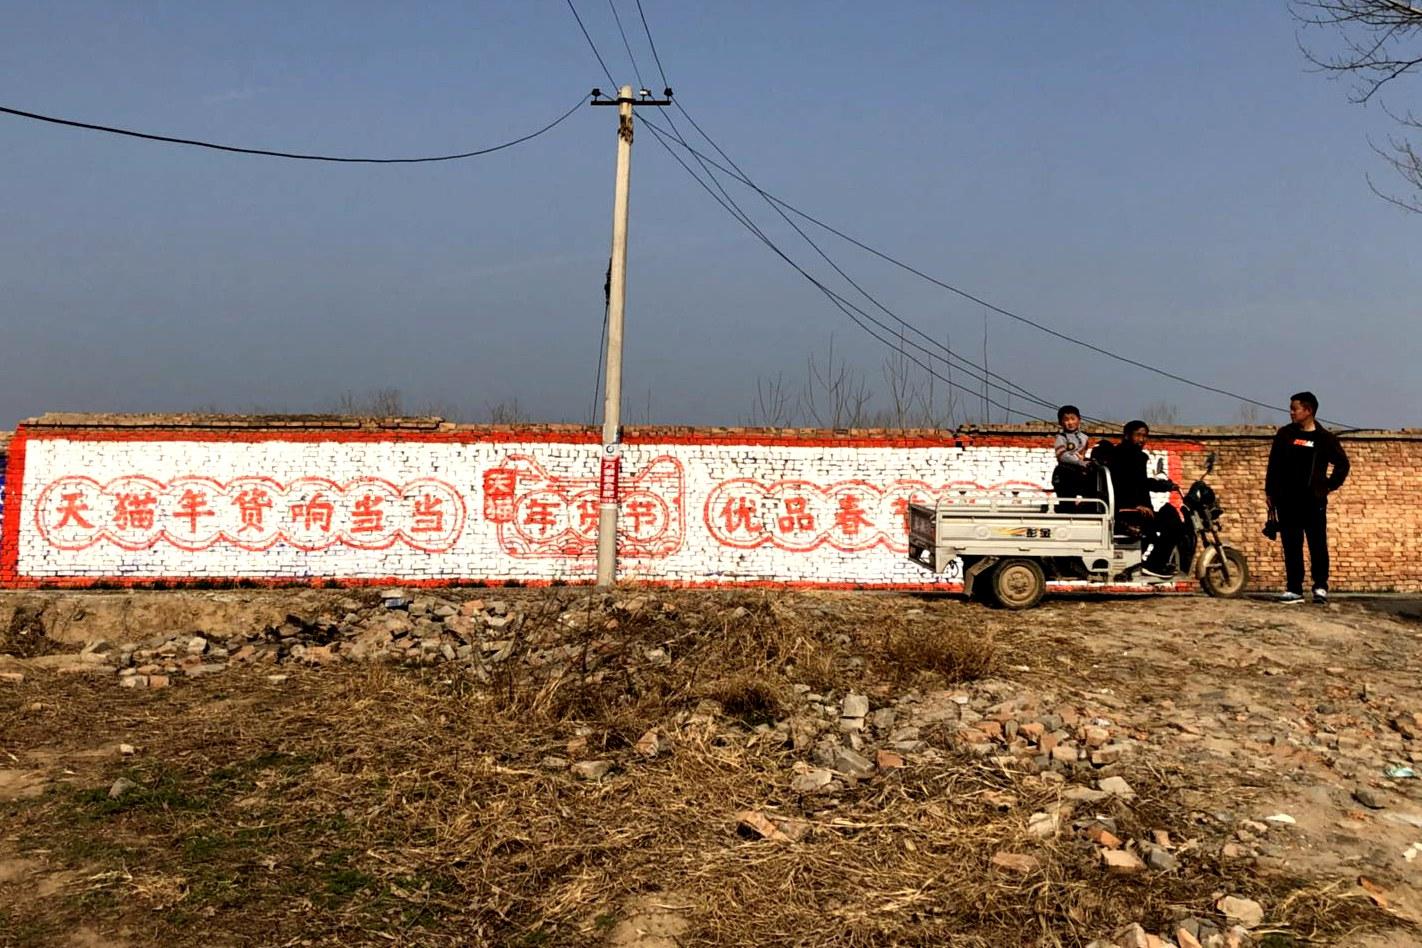 淘宝农村刷墙艺术盘点哪个文案更走心